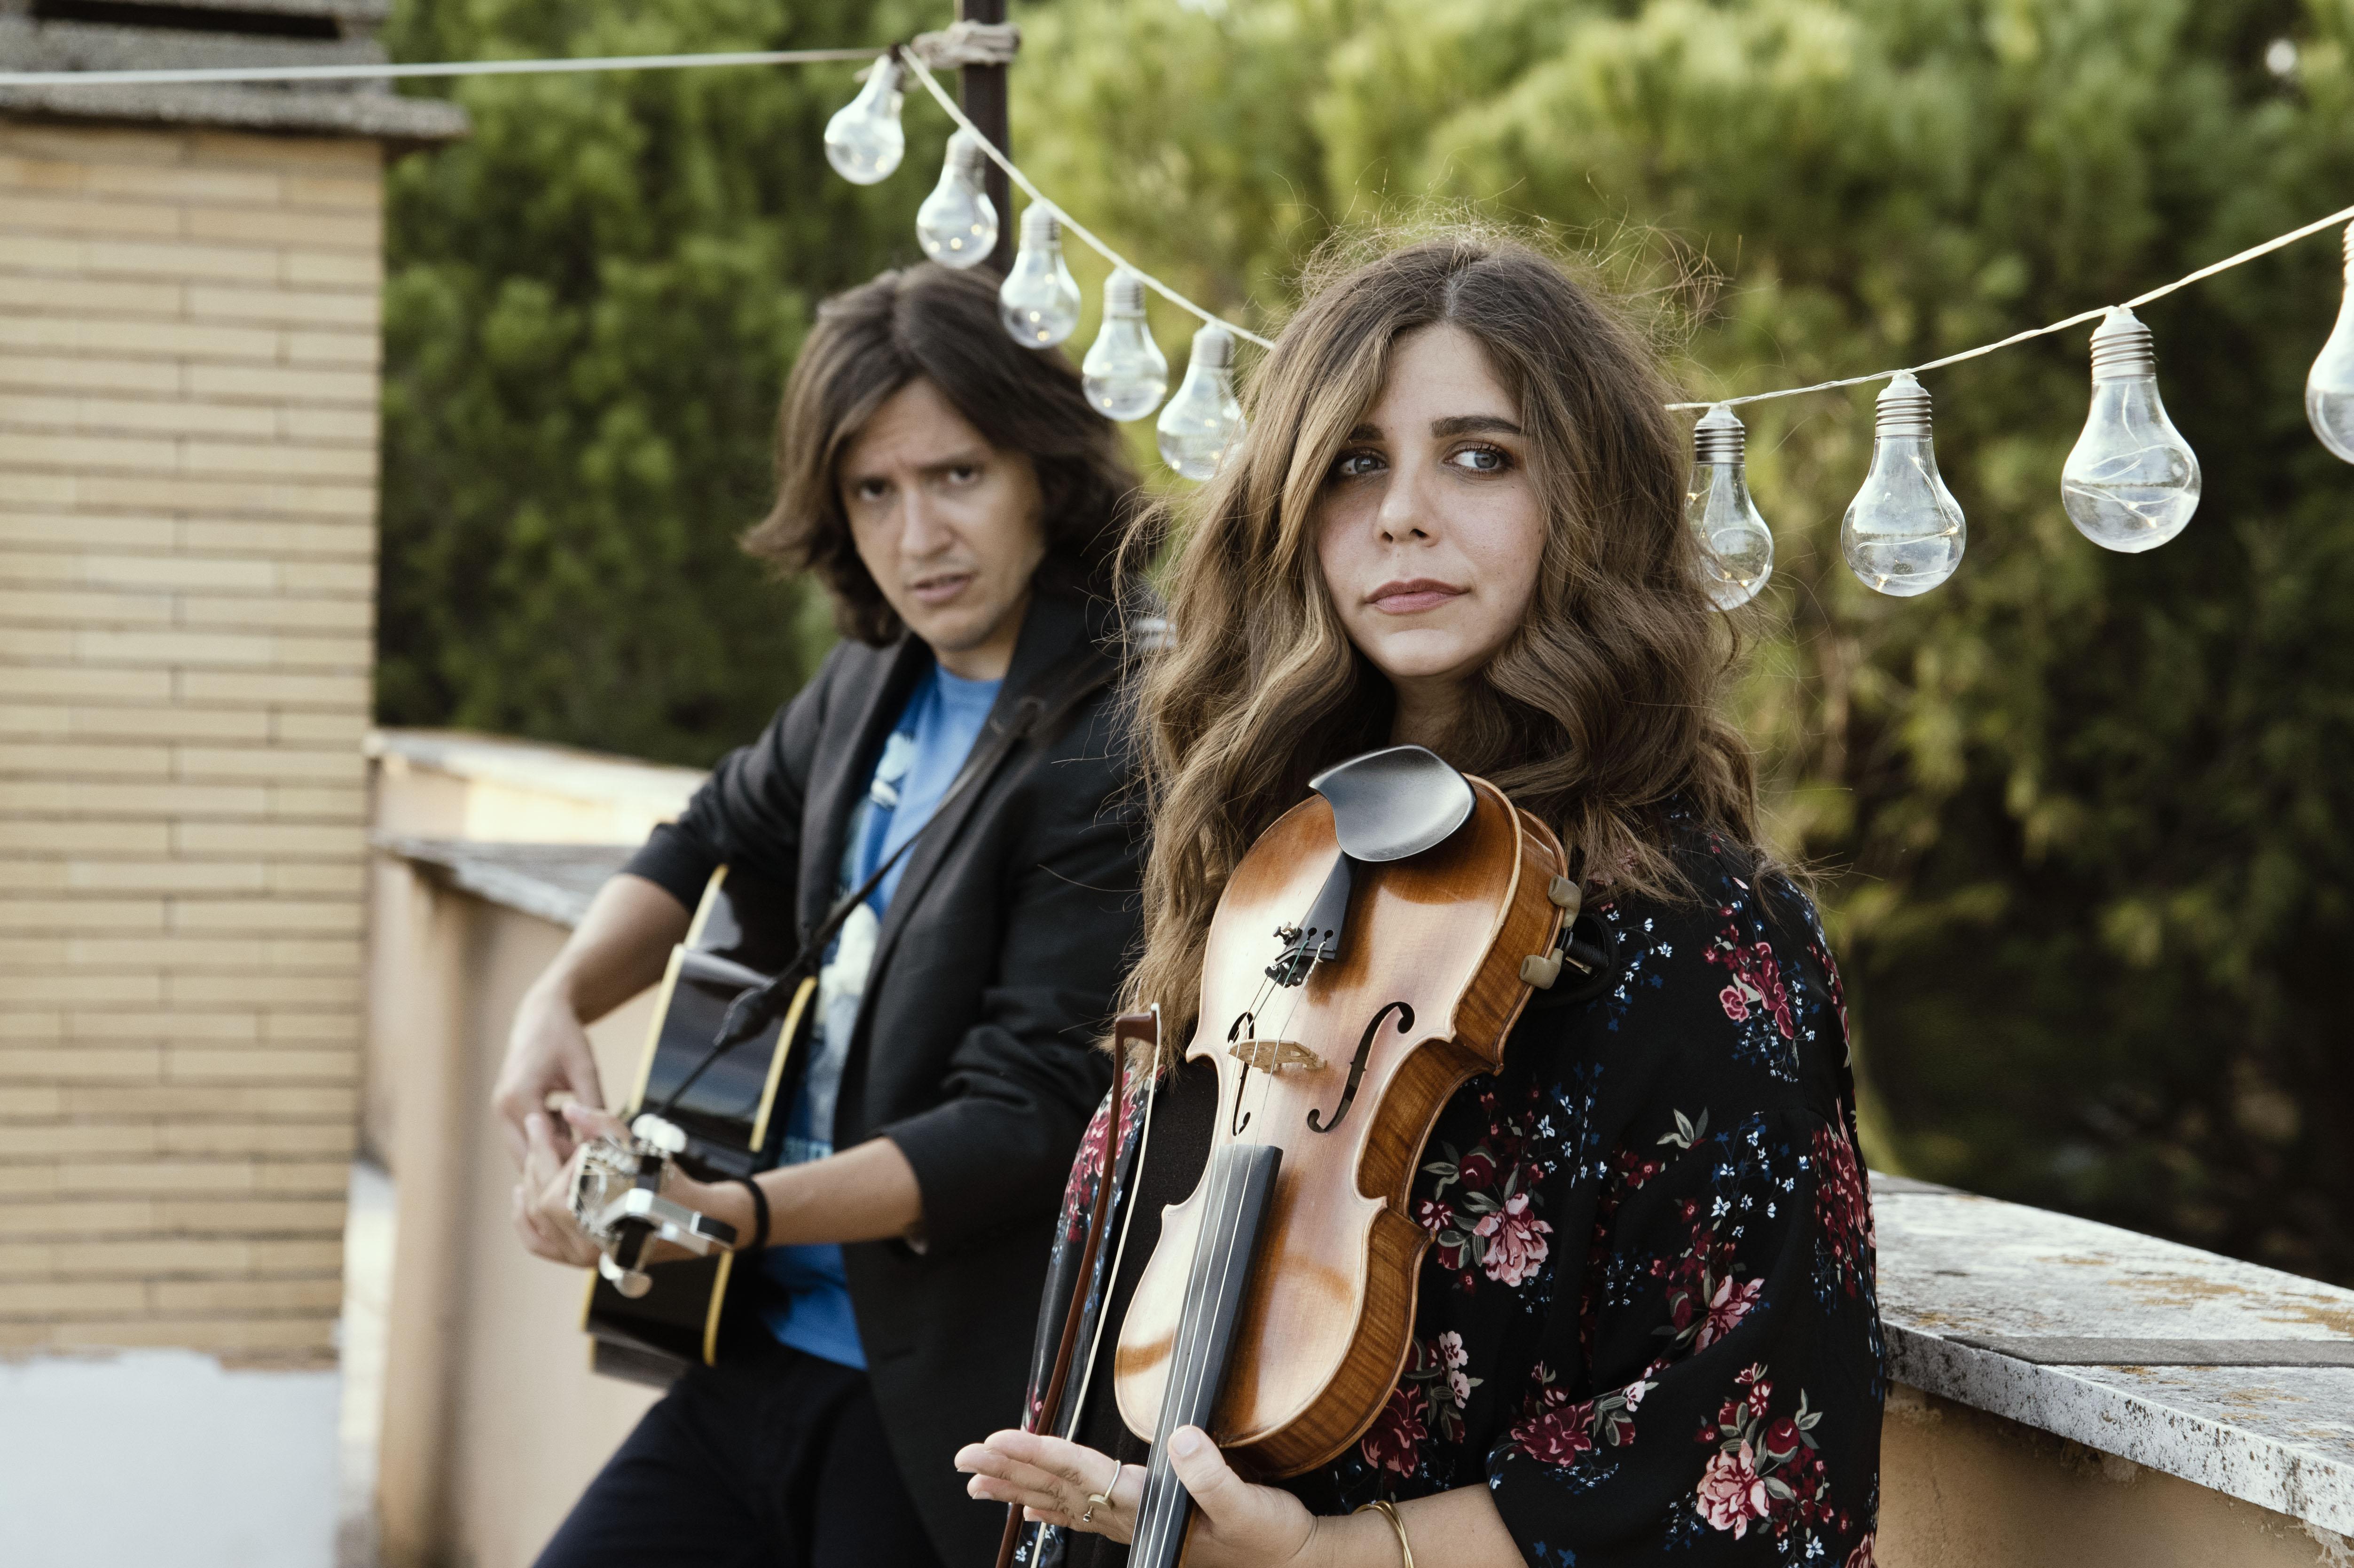 Alex alla chitarra e Sara al violino